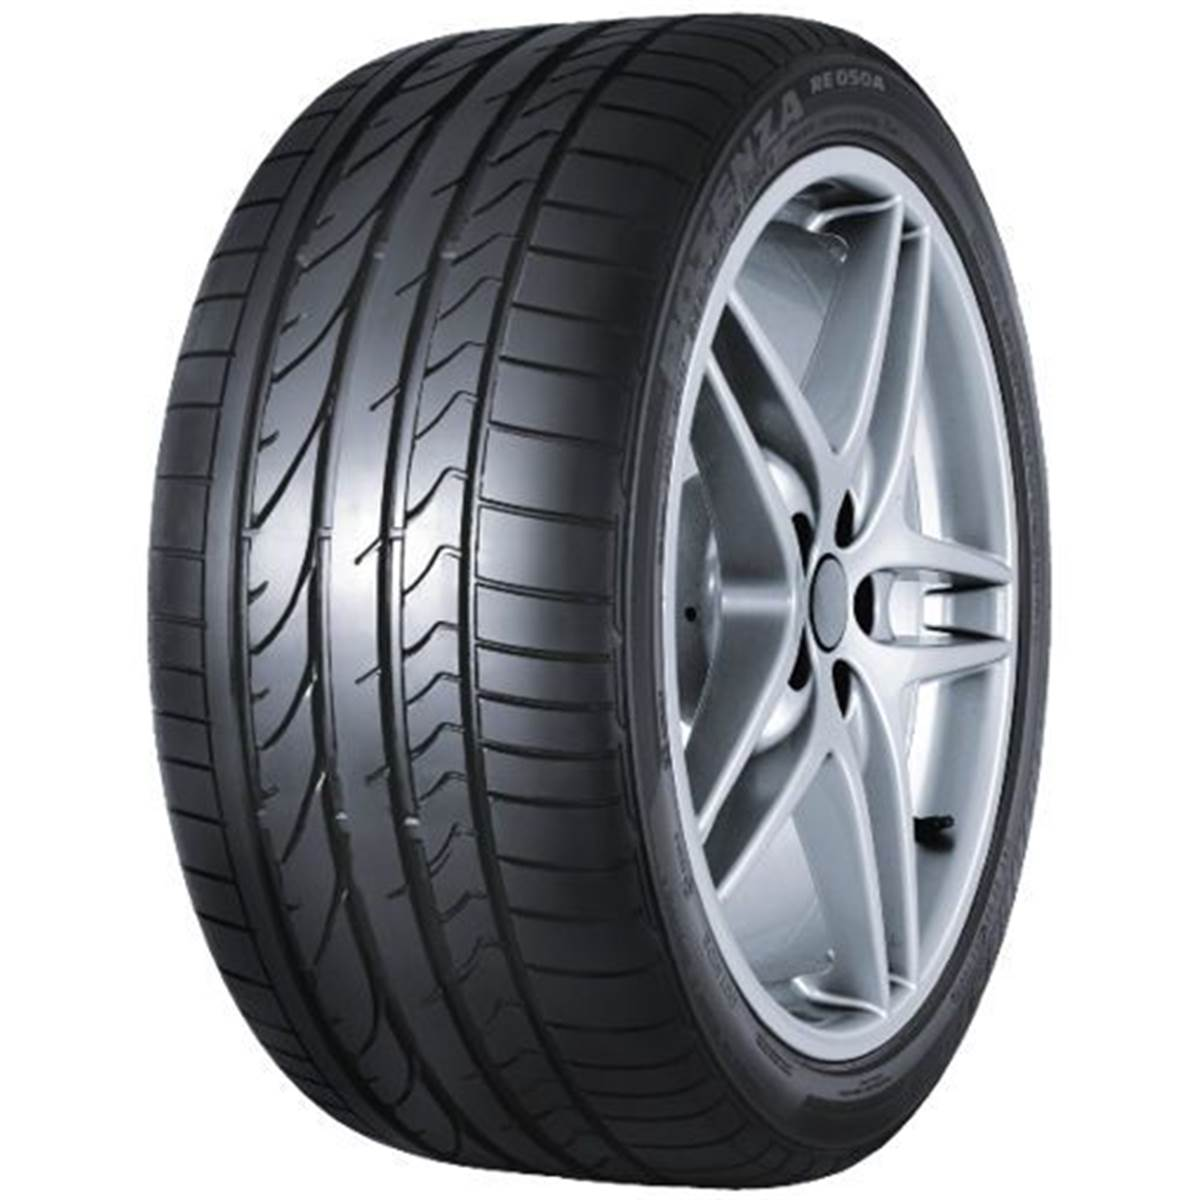 Pneu Bridgestone 275/35R19 96Y Potenza Re050